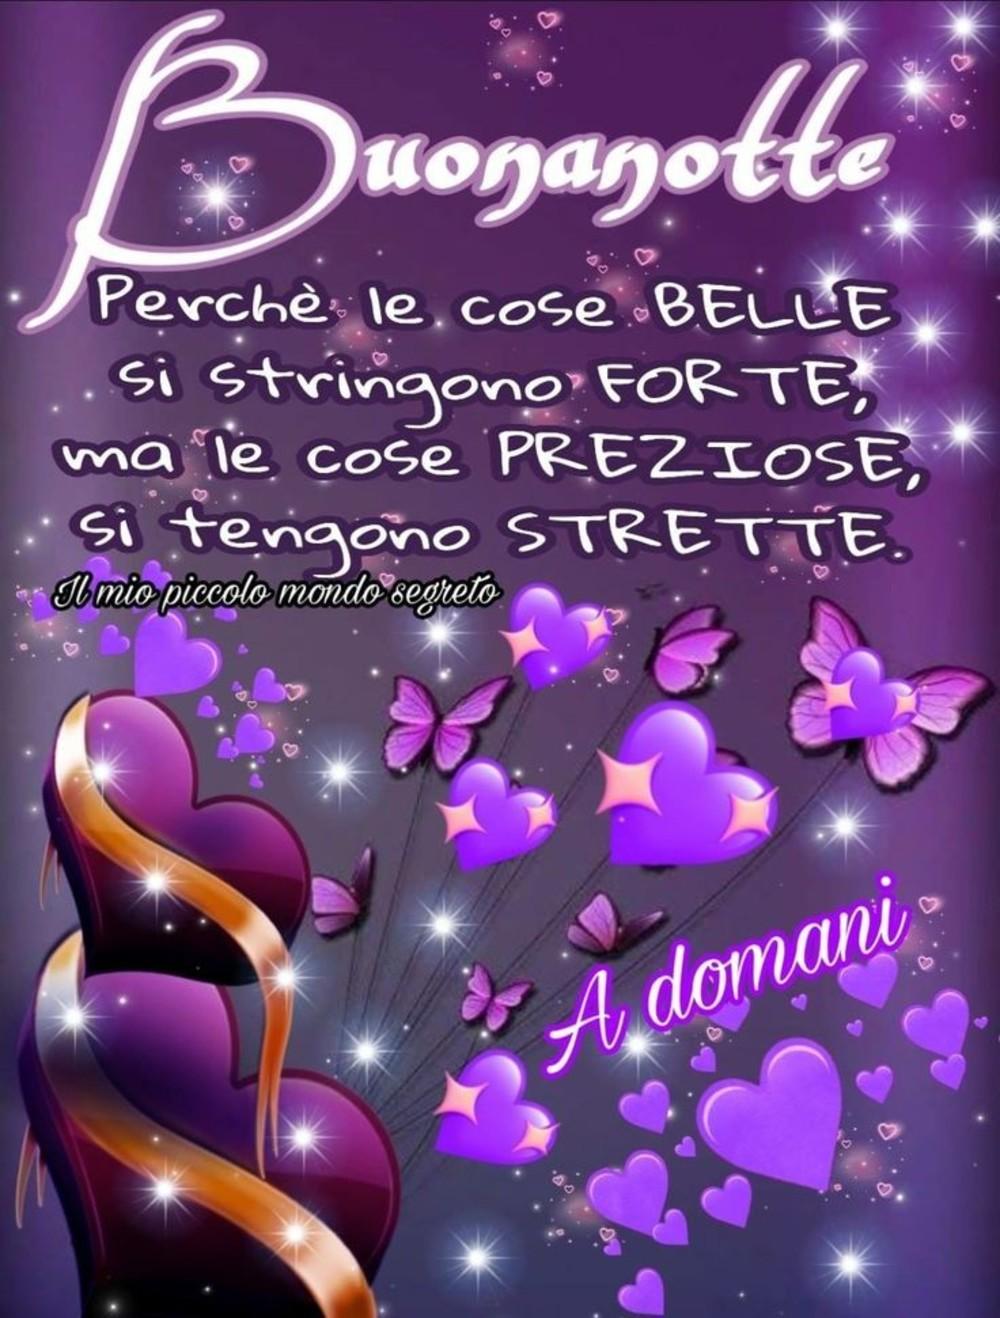 Belle Immagini Buonanotte Con La Pioggia Archives Pagina 3 Di 4